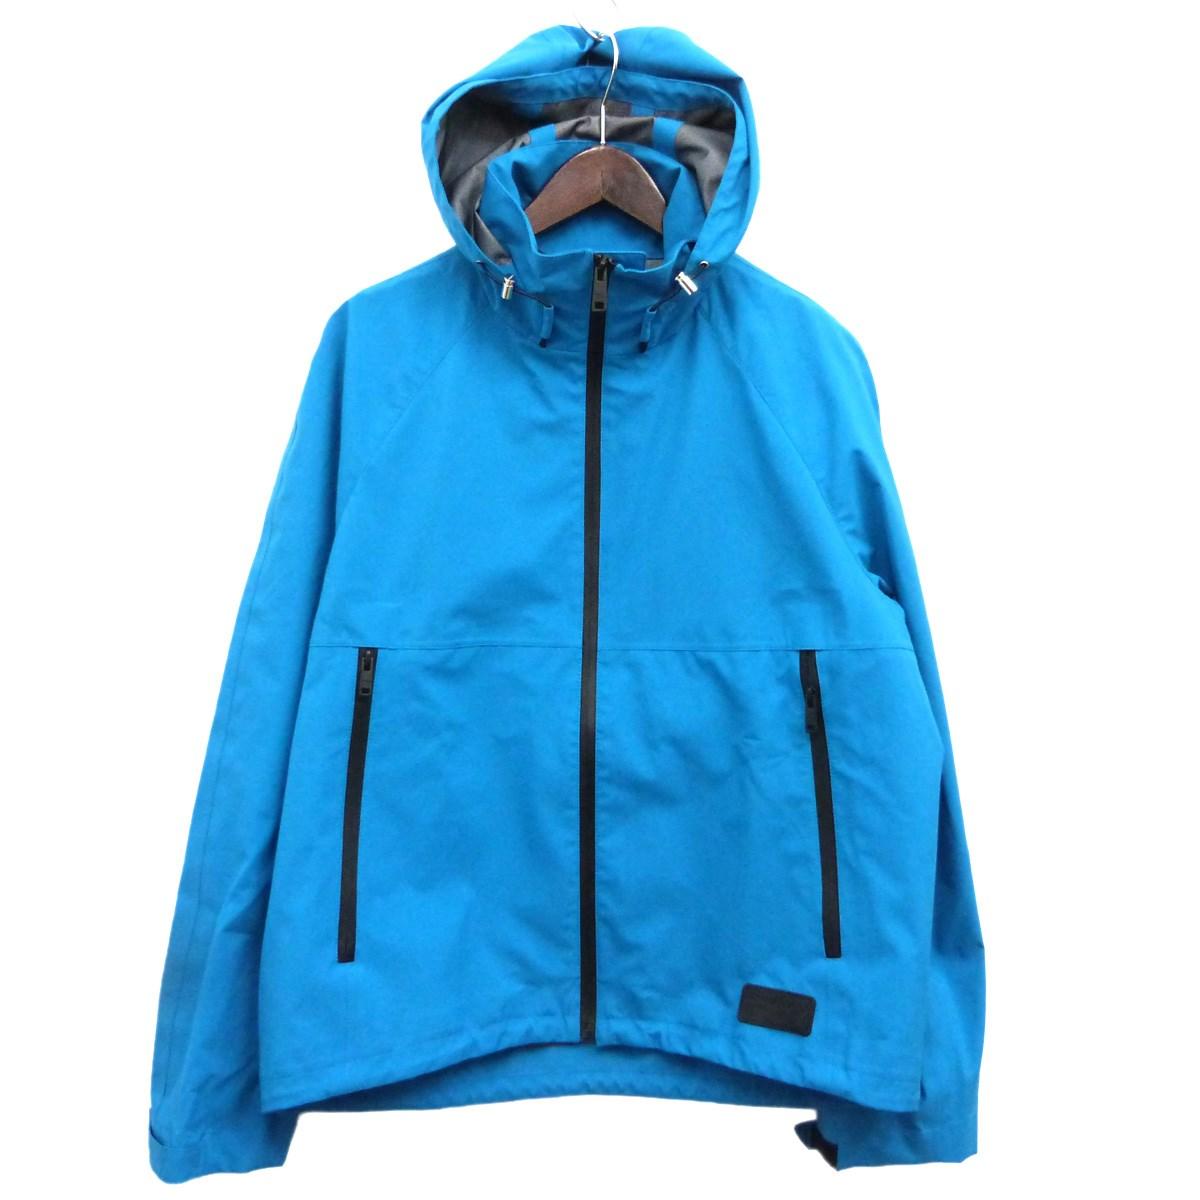 【中古】PRADA18SSウォータープルーフジャケット ブルー サイズ:48 【7月13日見直し】